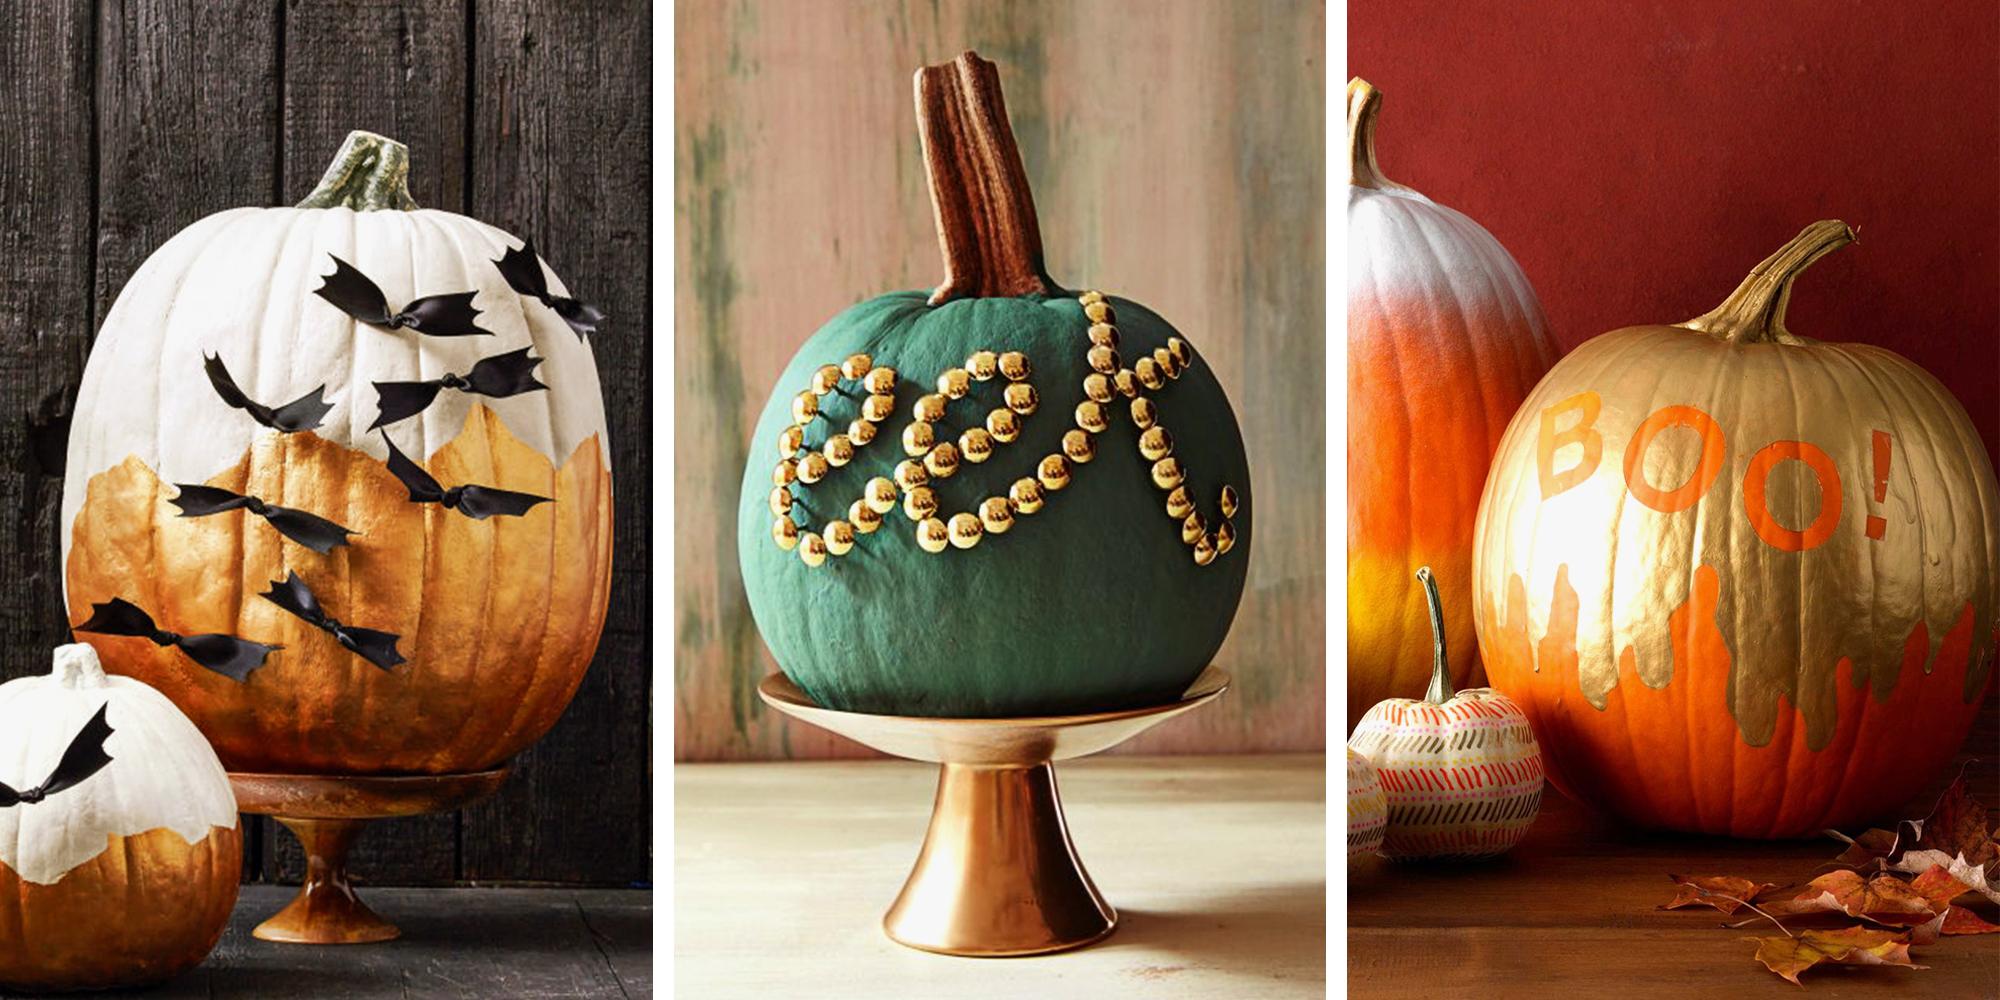 15 Best Pumpkin Decorating Ideas For Halloween 2018 No